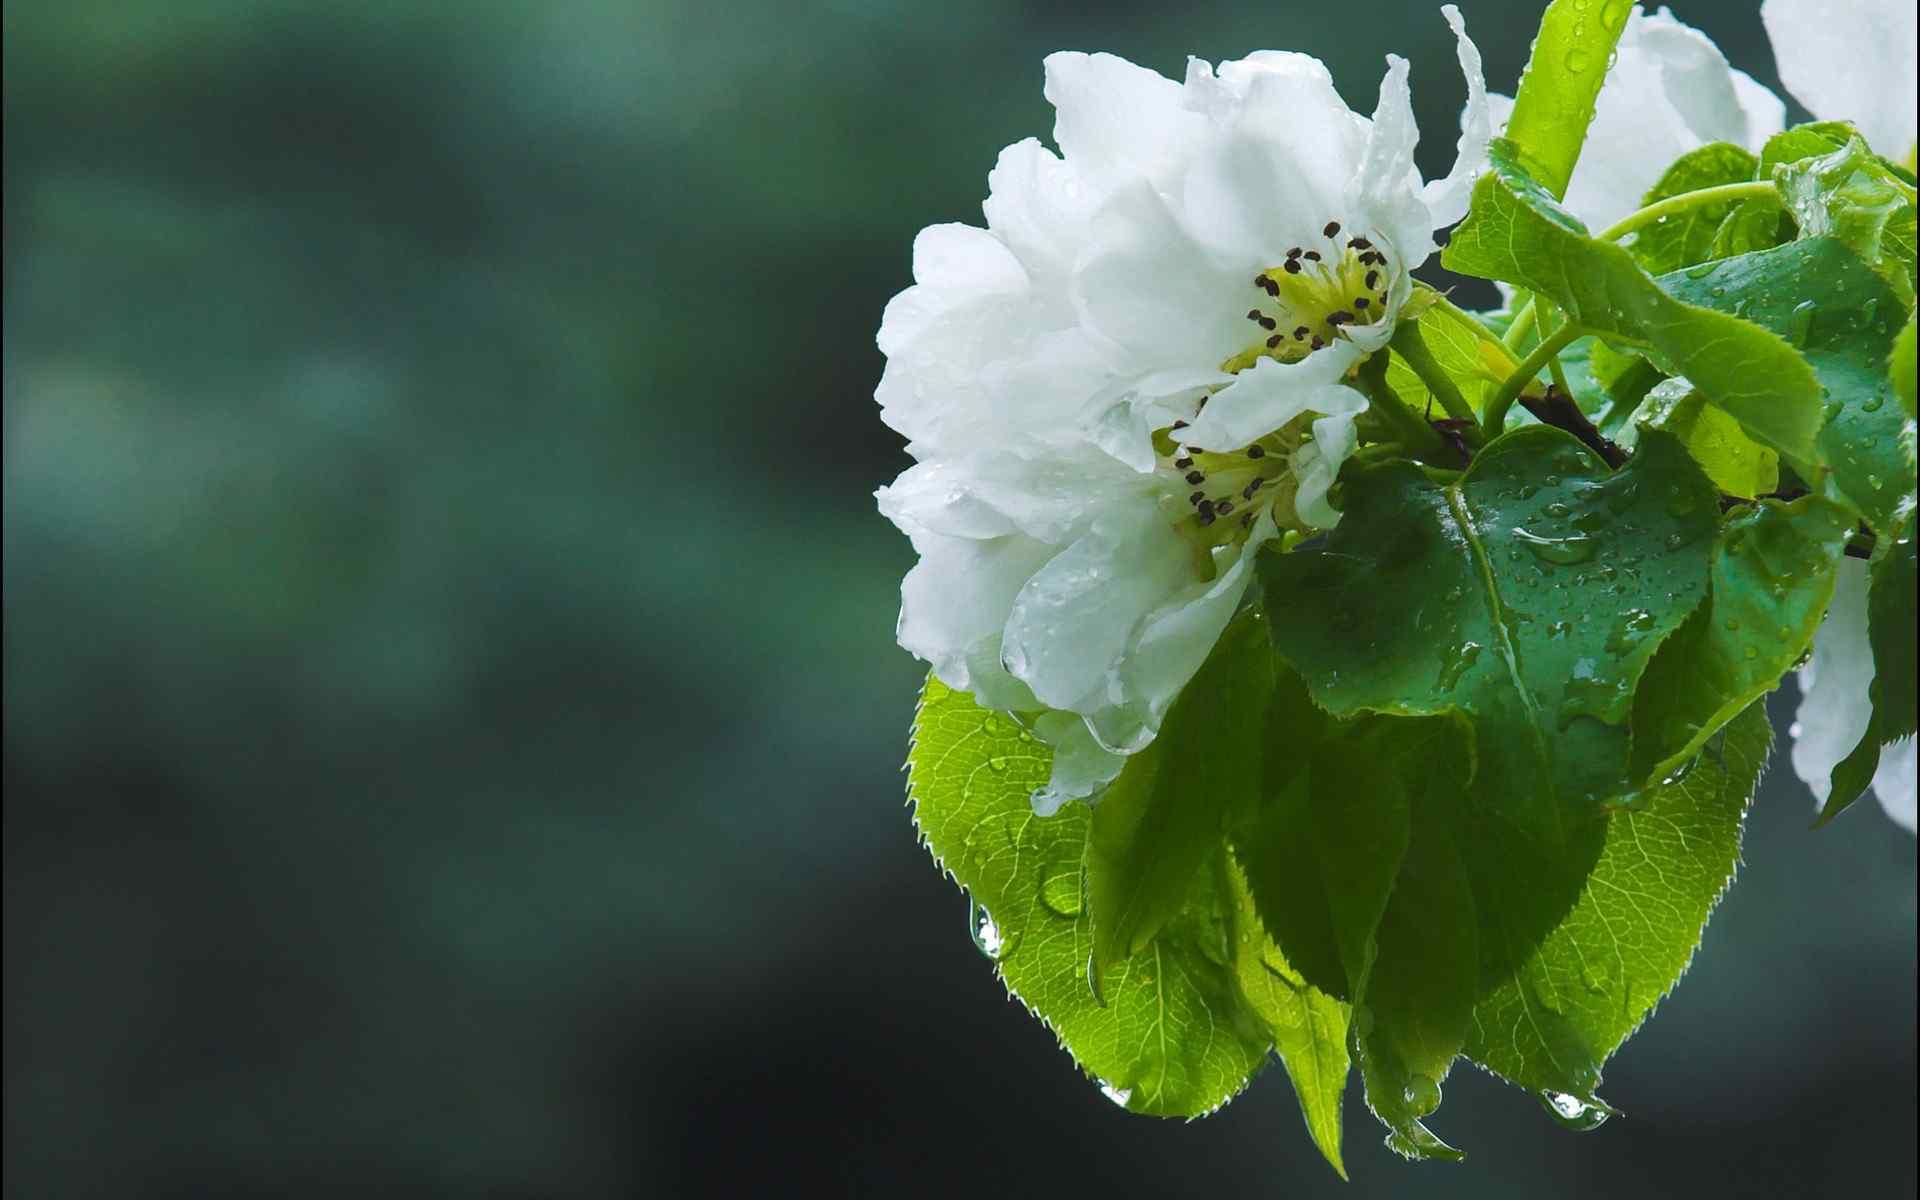 清新植物绿色护眼高清桌面壁纸图片